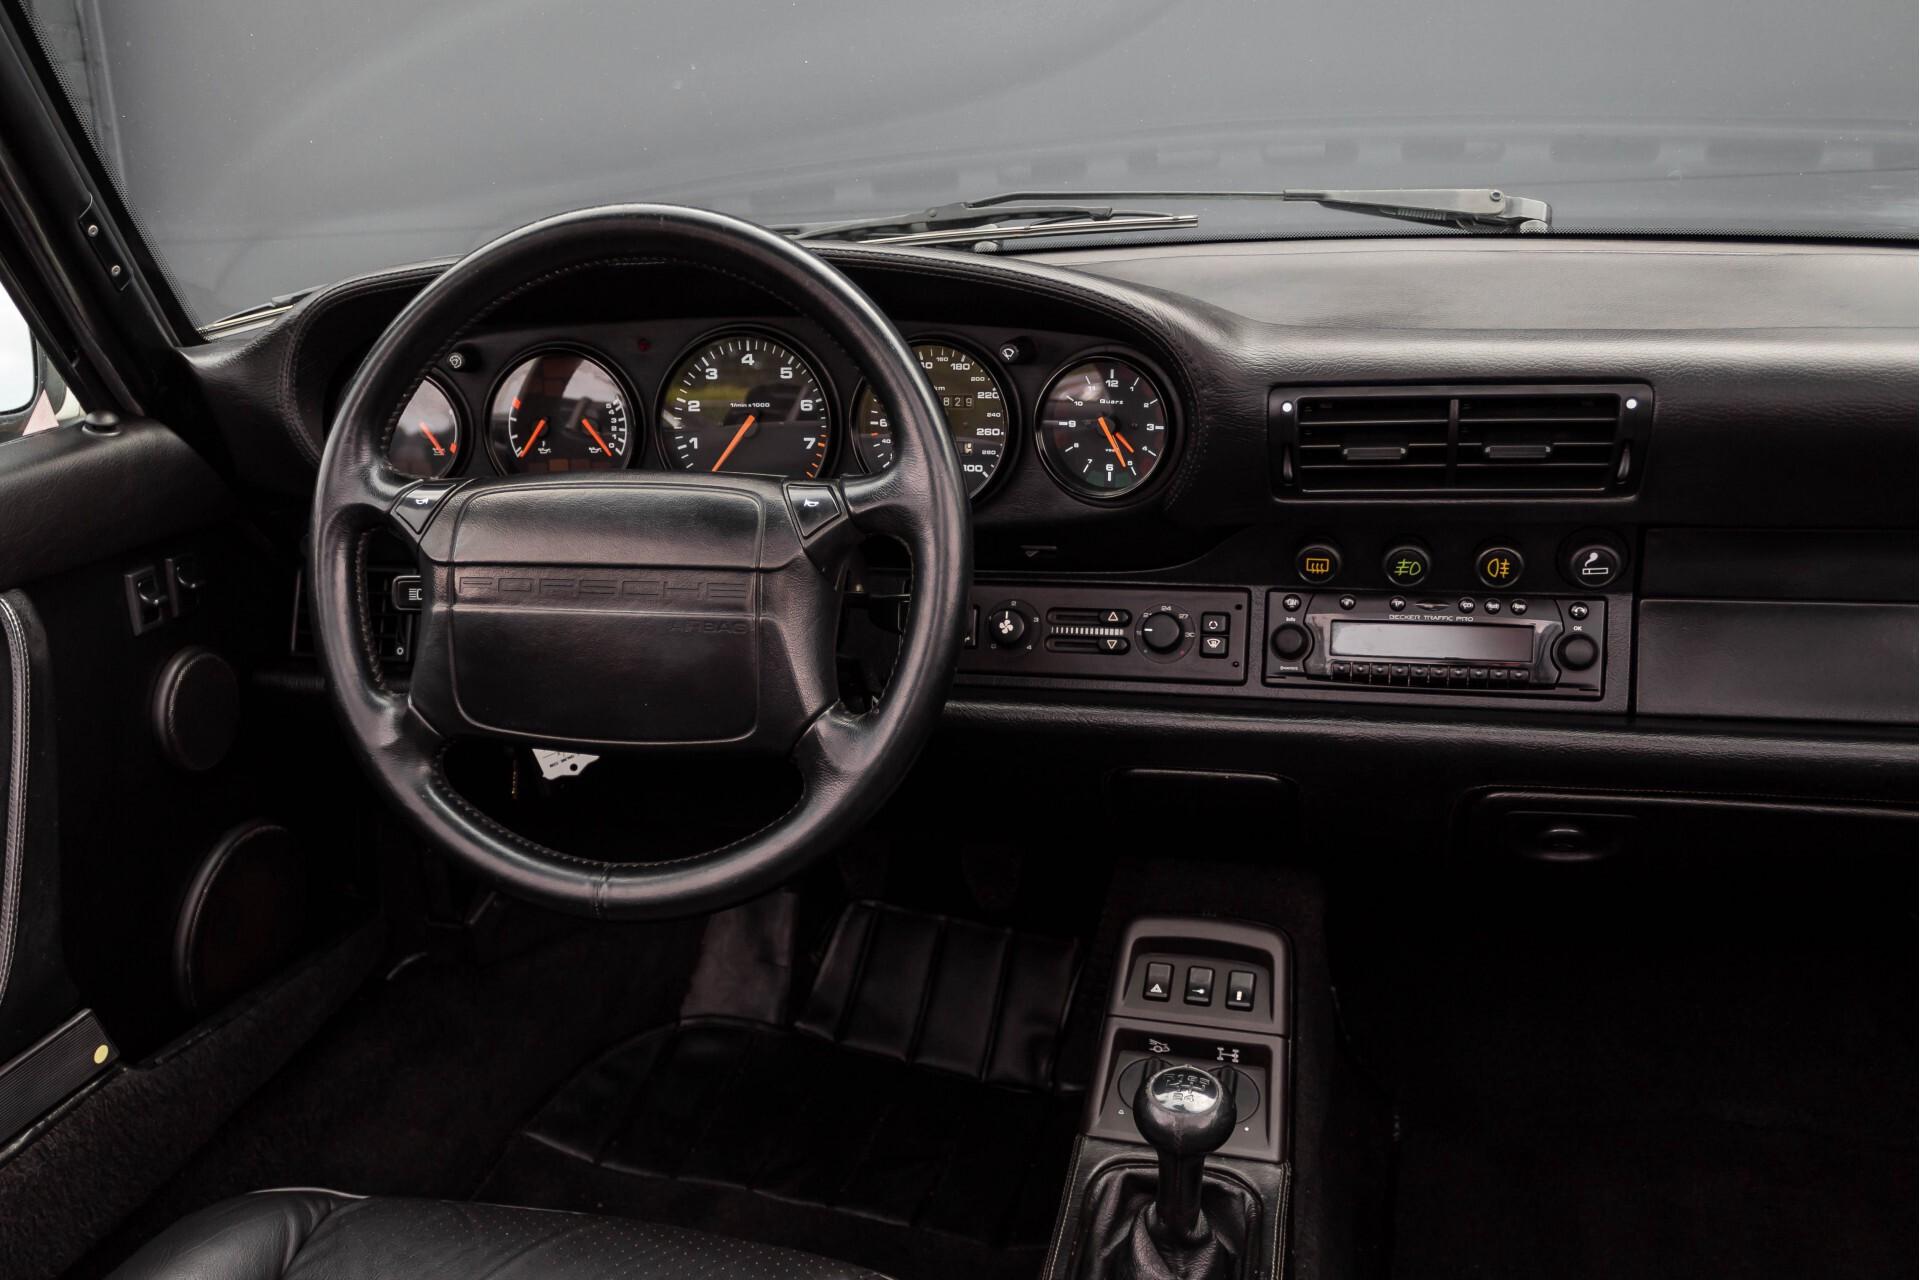 Porsche 911 Cabrio 964 3.6 Carrera 4 Gerestaureerd/Gedocumenteerd/Incl. BTW Foto 7